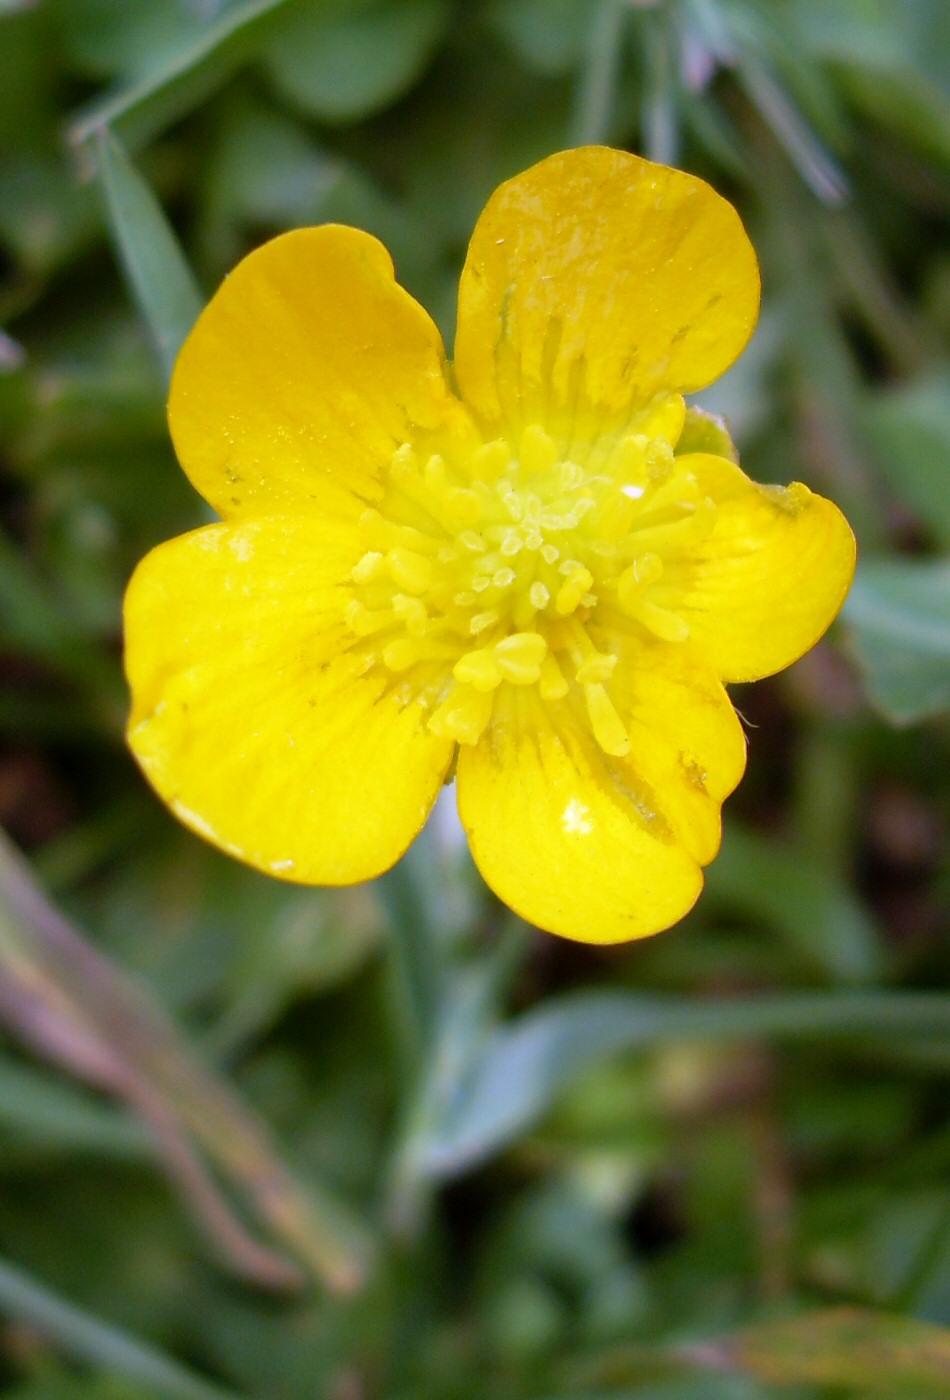 Photographie de fleur bouton d'or.